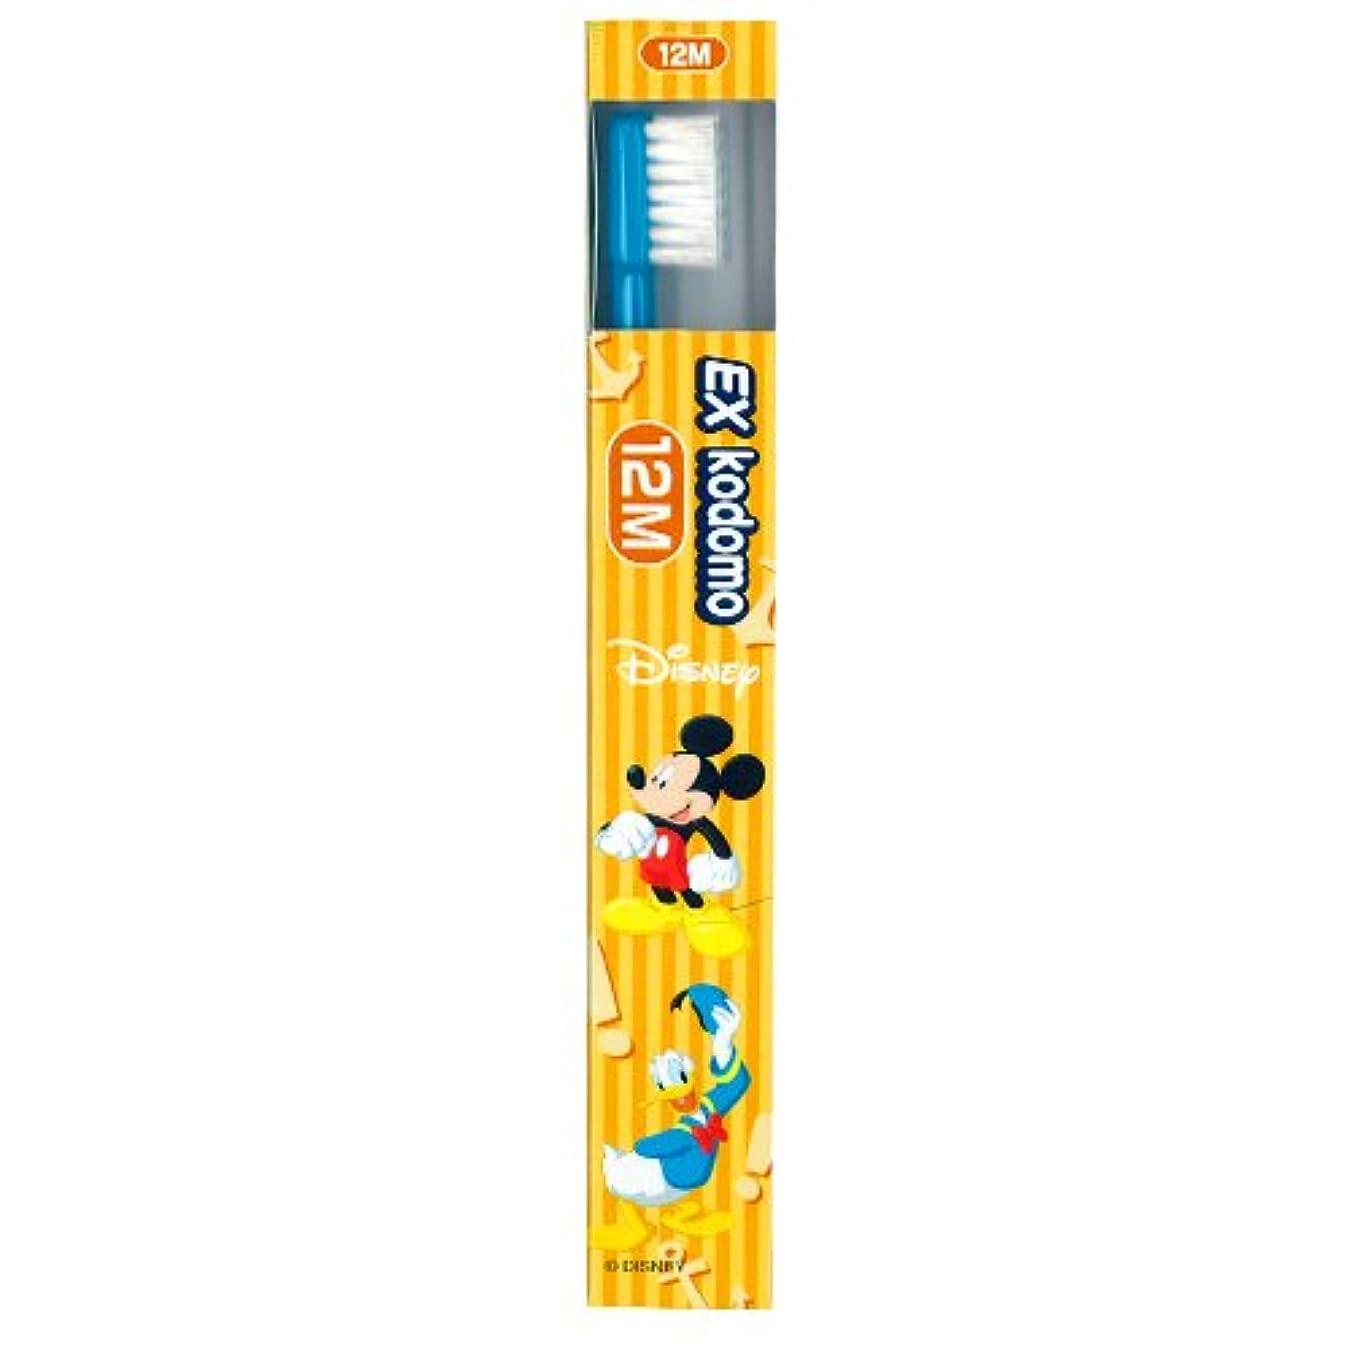 ブルジョンばかスケルトンライオン EX kodomo ディズニー 歯ブラシ 1本 12M ブルー